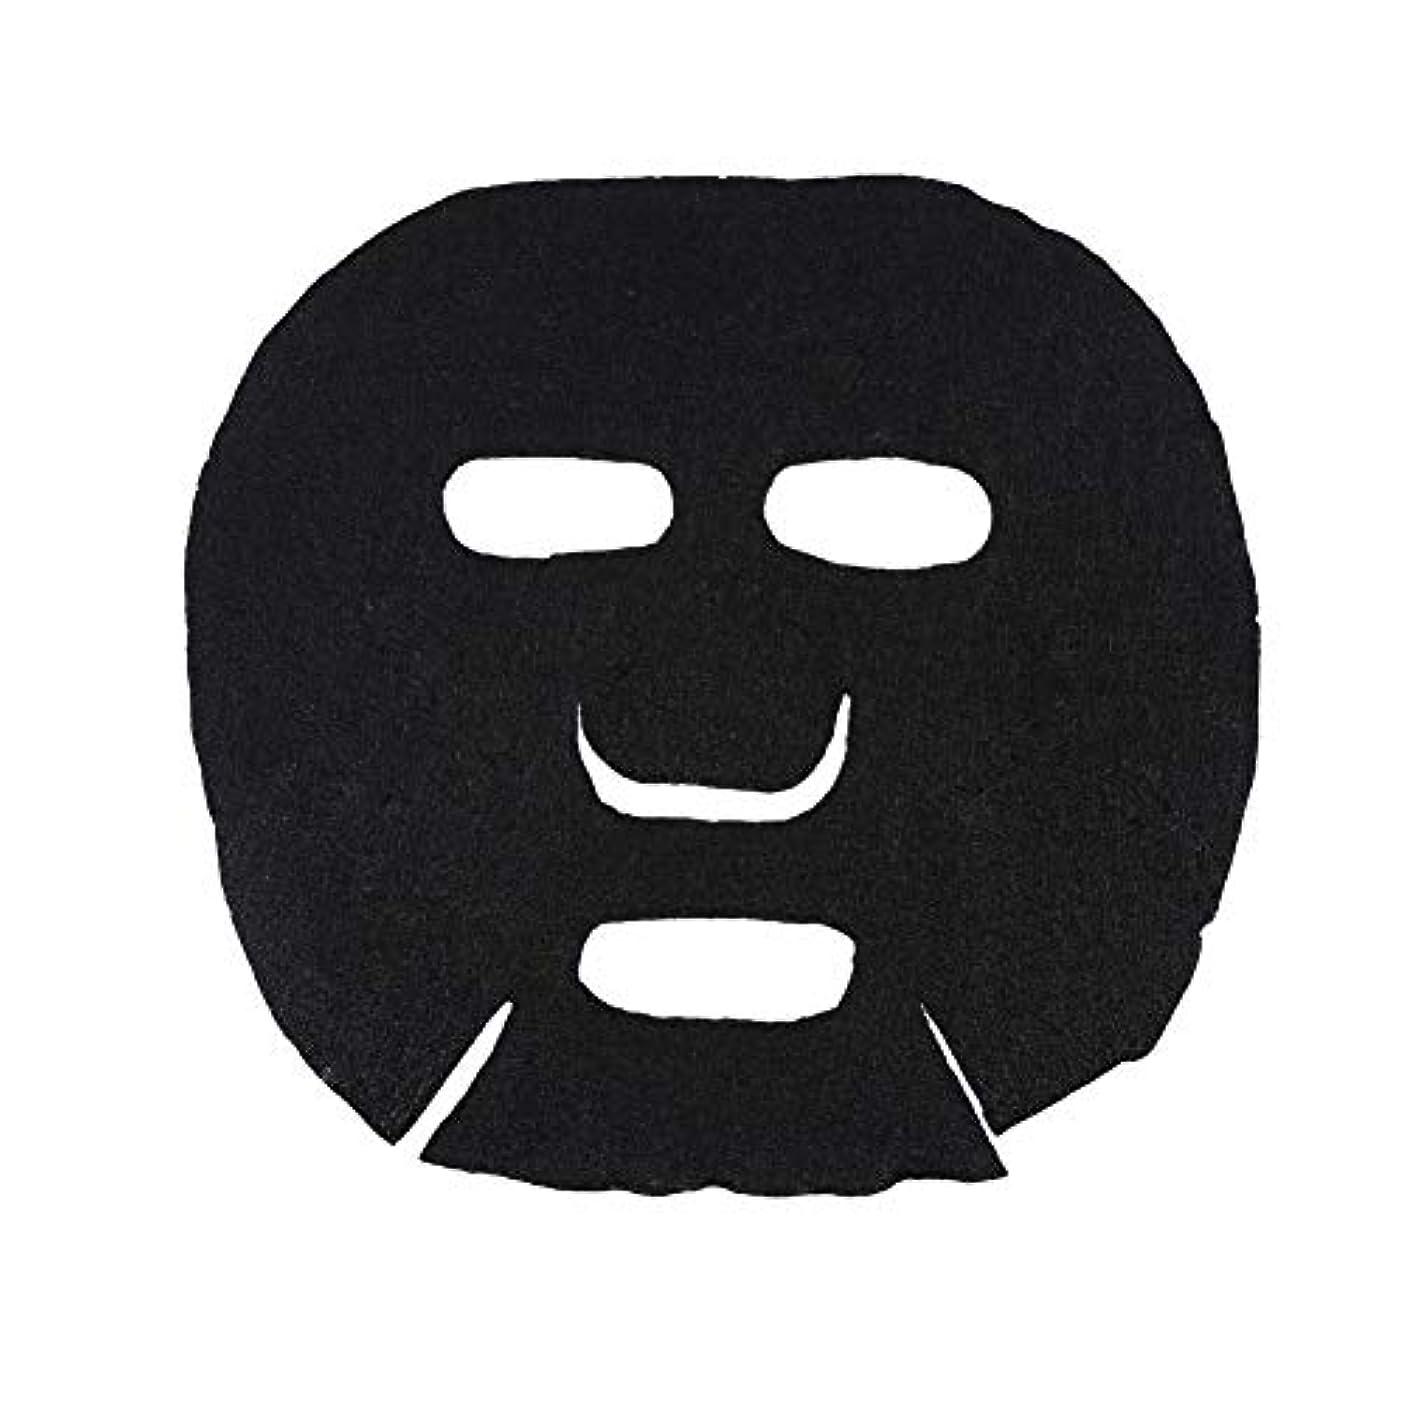 どのくらいの頻度で書き出すブリーフケース30Pcs / 40Pcsマスク紙、マスク紙綿、スキンフェイスケアDIYフェイシャルペーパーコンプレスマスクマスクナチュラルコットンスキンケアマスクDIYシートマスク(30pcs)